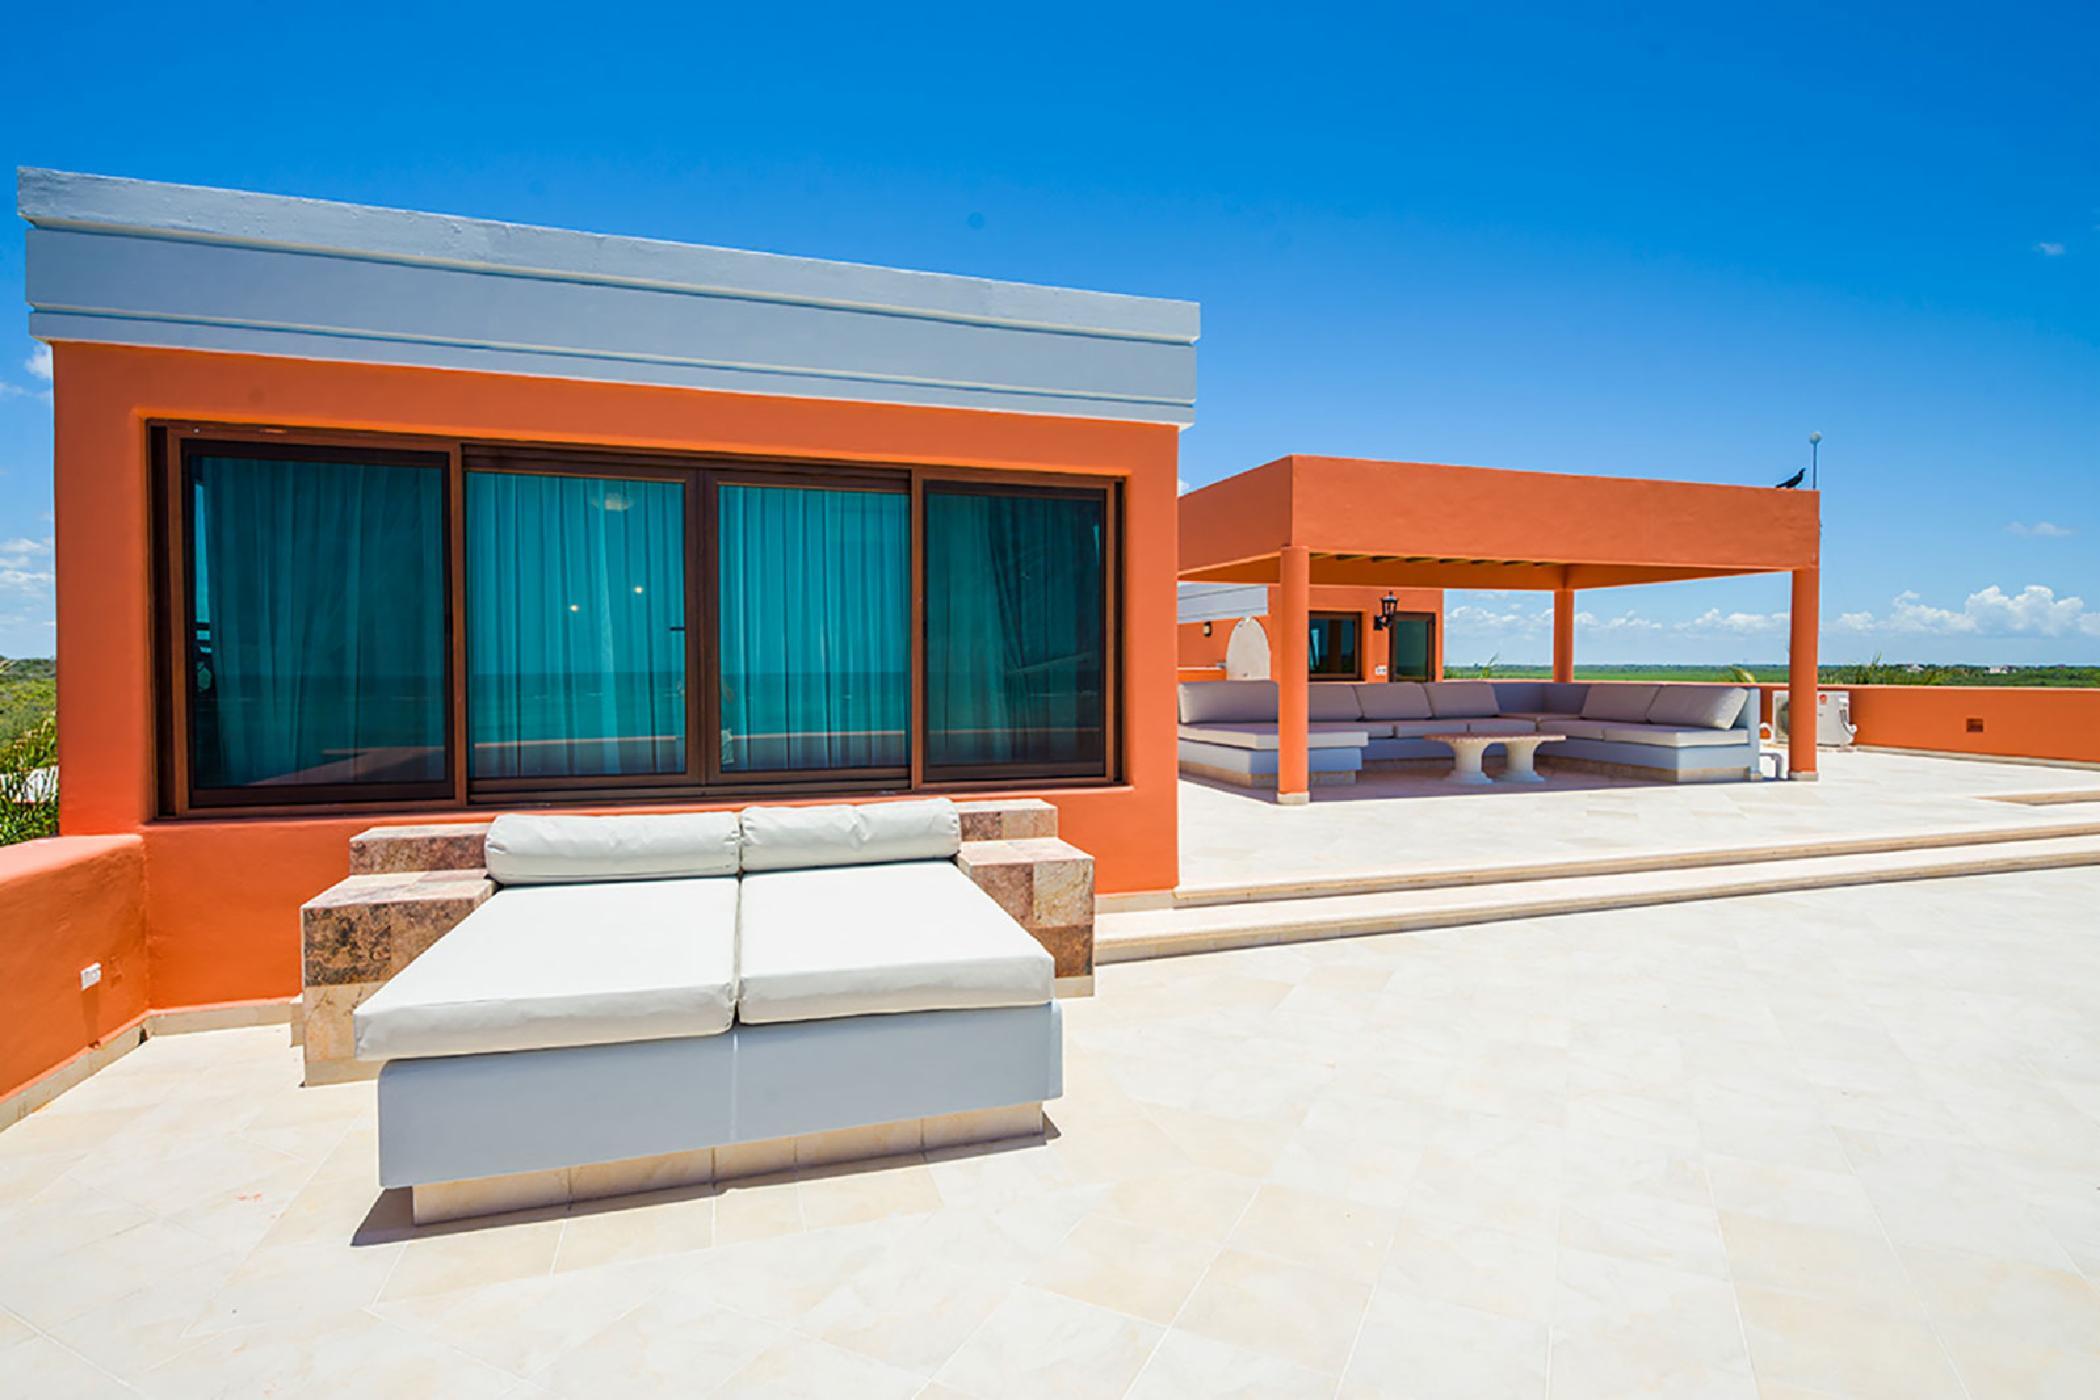 Maya_Luxe_Riviera_Maya_Luxury_Villas_Experiences_Tankah_Bay_Tulum_8_Bedrooms_Cenote_del_Mar_22.jpg